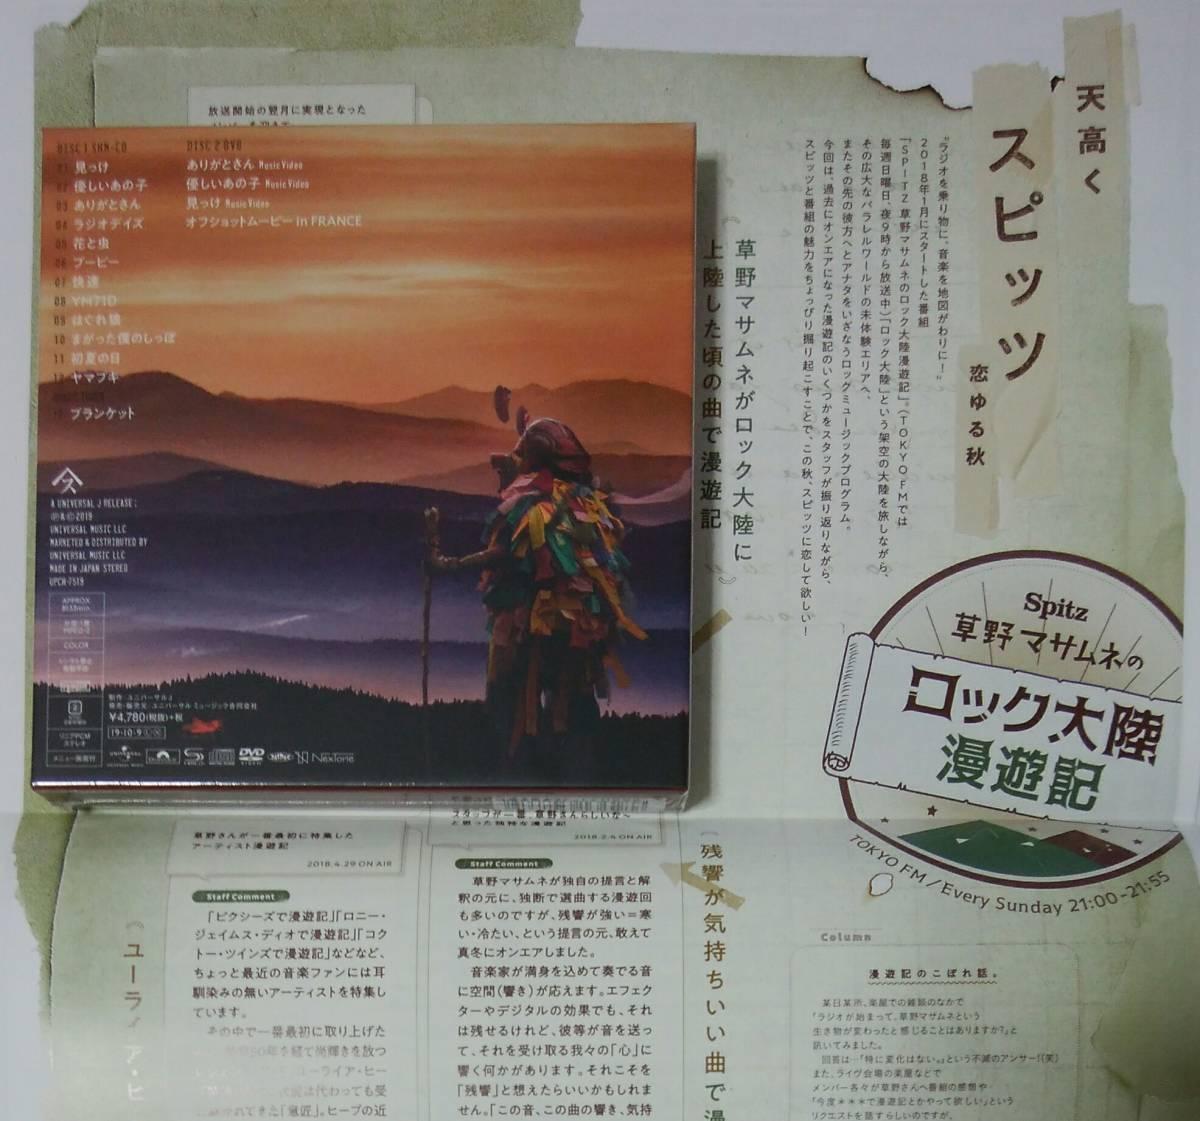 新品 見っけ 初回限定盤2DISCS(SHM-CD+DVD)/TOKYO FM タイムテーブル2種 スピッツ SPITZ 草野マサムネ ロック大陸漫遊記 未開封_画像2